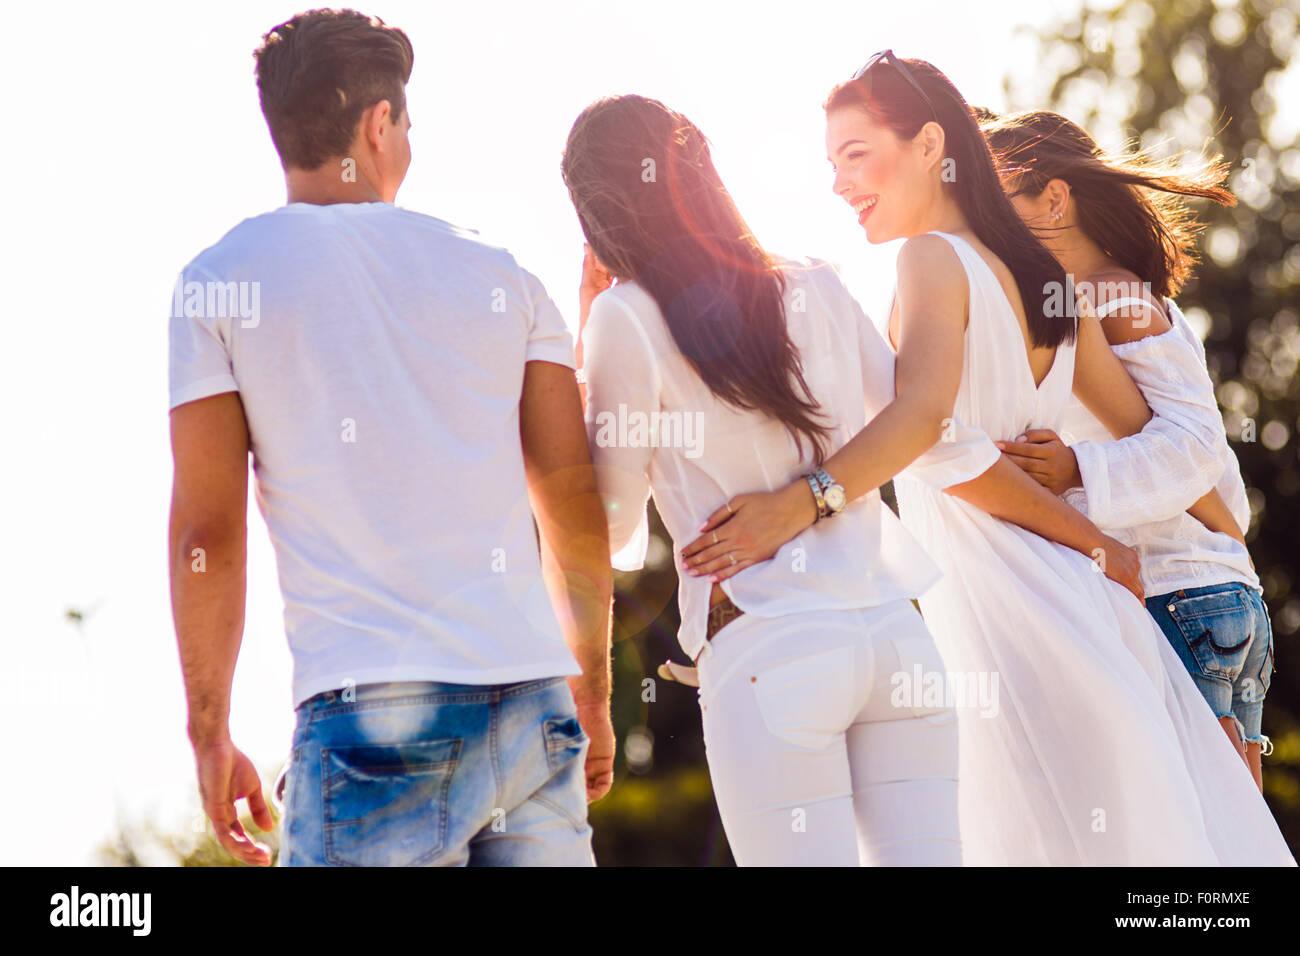 Grupo de jóvenes cogidos de la mano en la playa como un signo de amistad Imagen De Stock